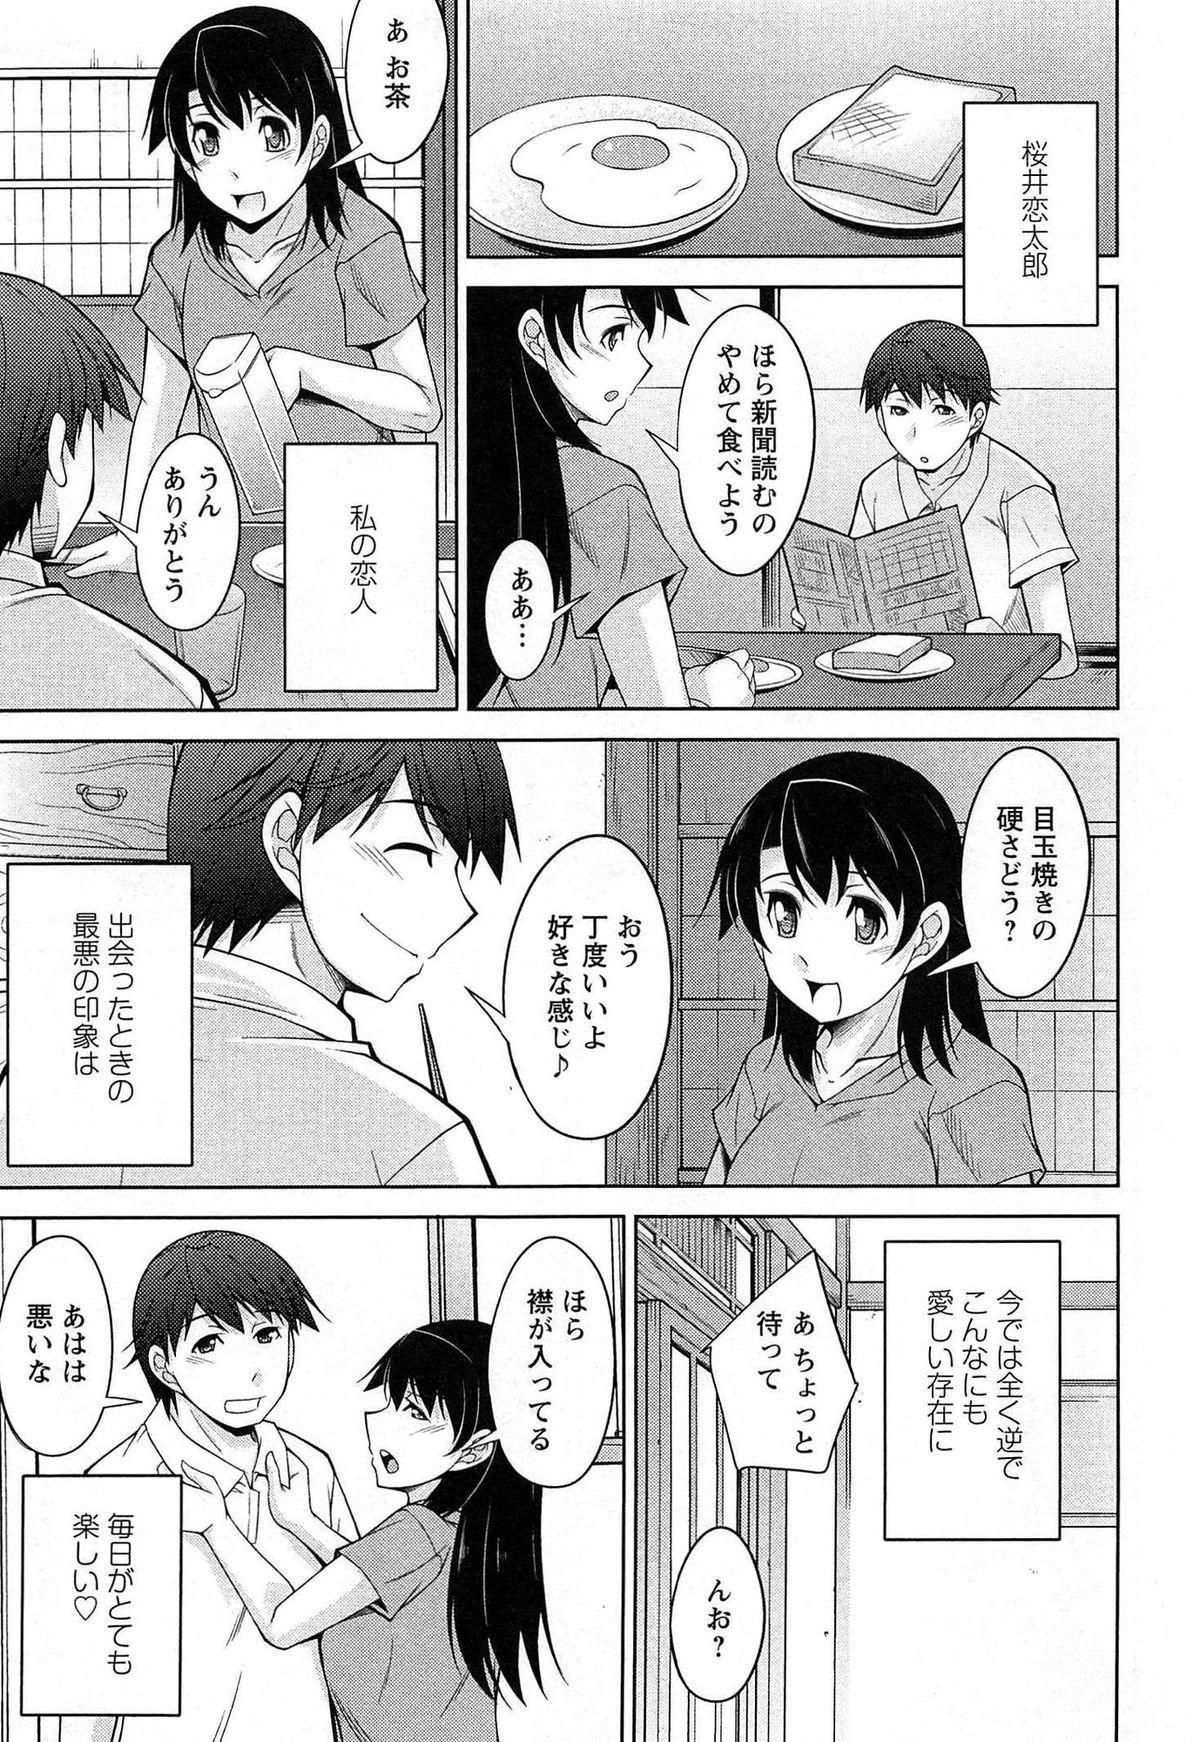 [zen9] Tsuki-wo Ai-Shite - Tsuki-ni Koi-shite 2 103